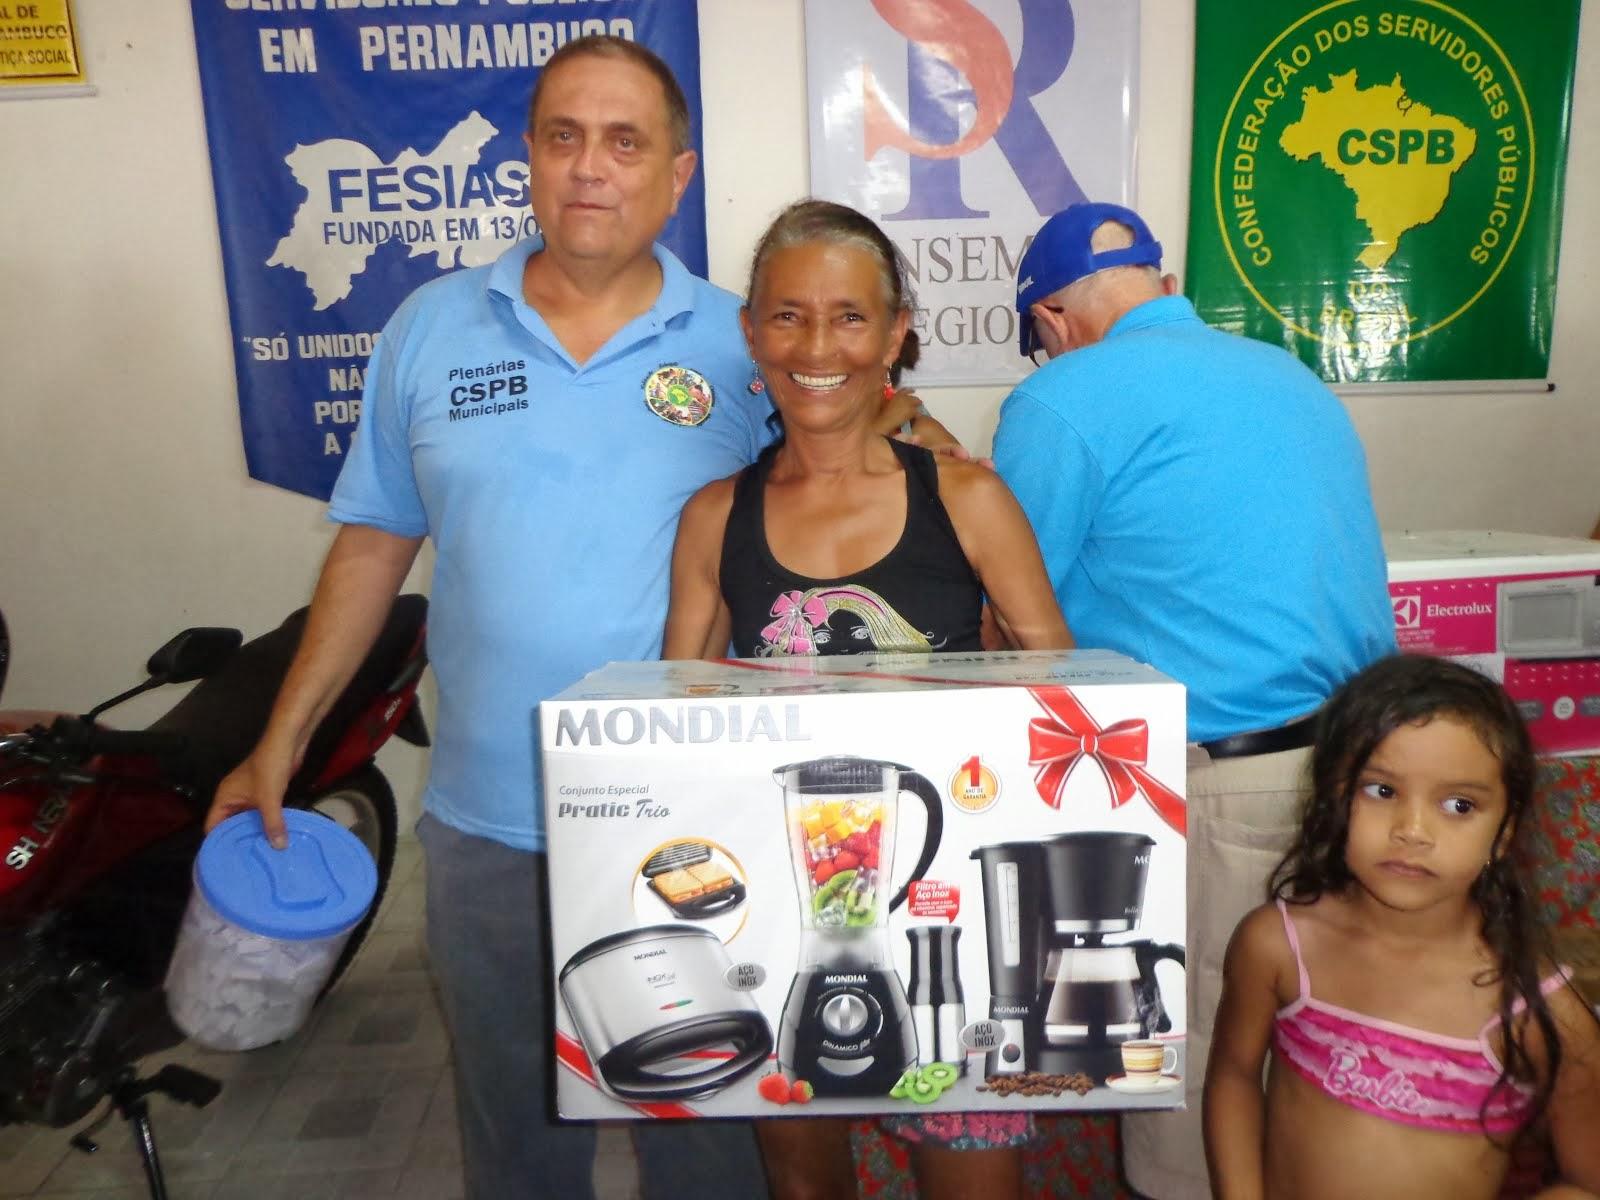 GANHADOR 10º PRÊMIO FESTA DO SERVIDO EM 2013